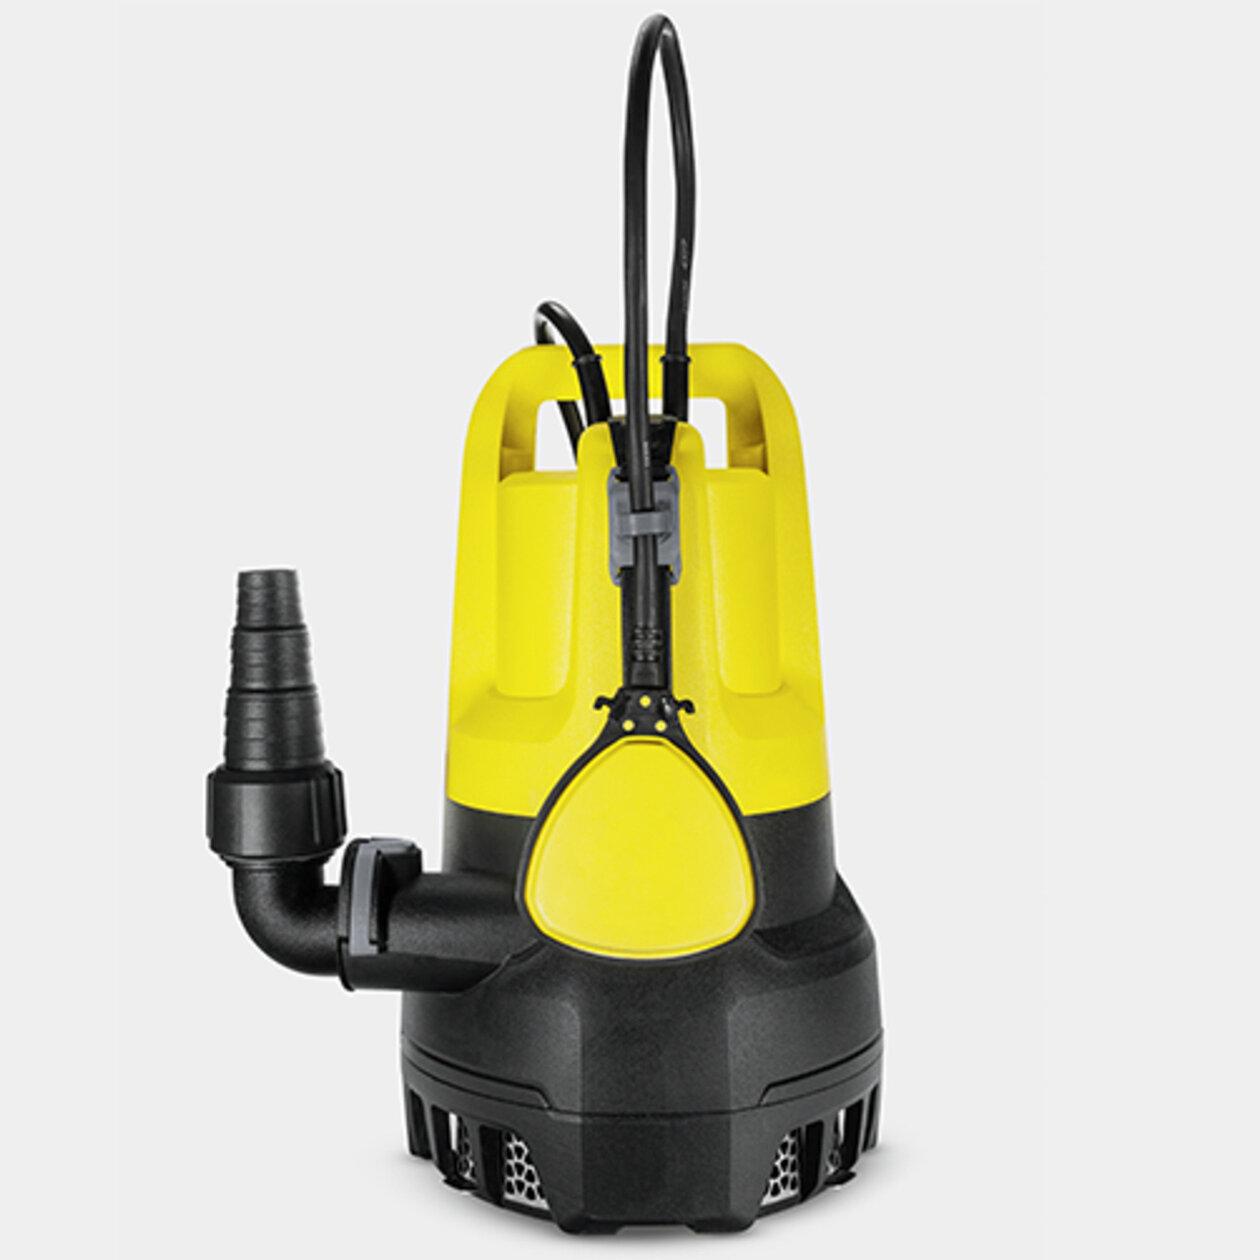 Дренажный насос для грязной воды SP 7 Dirt: Датчик уровня с плавной регулировкой